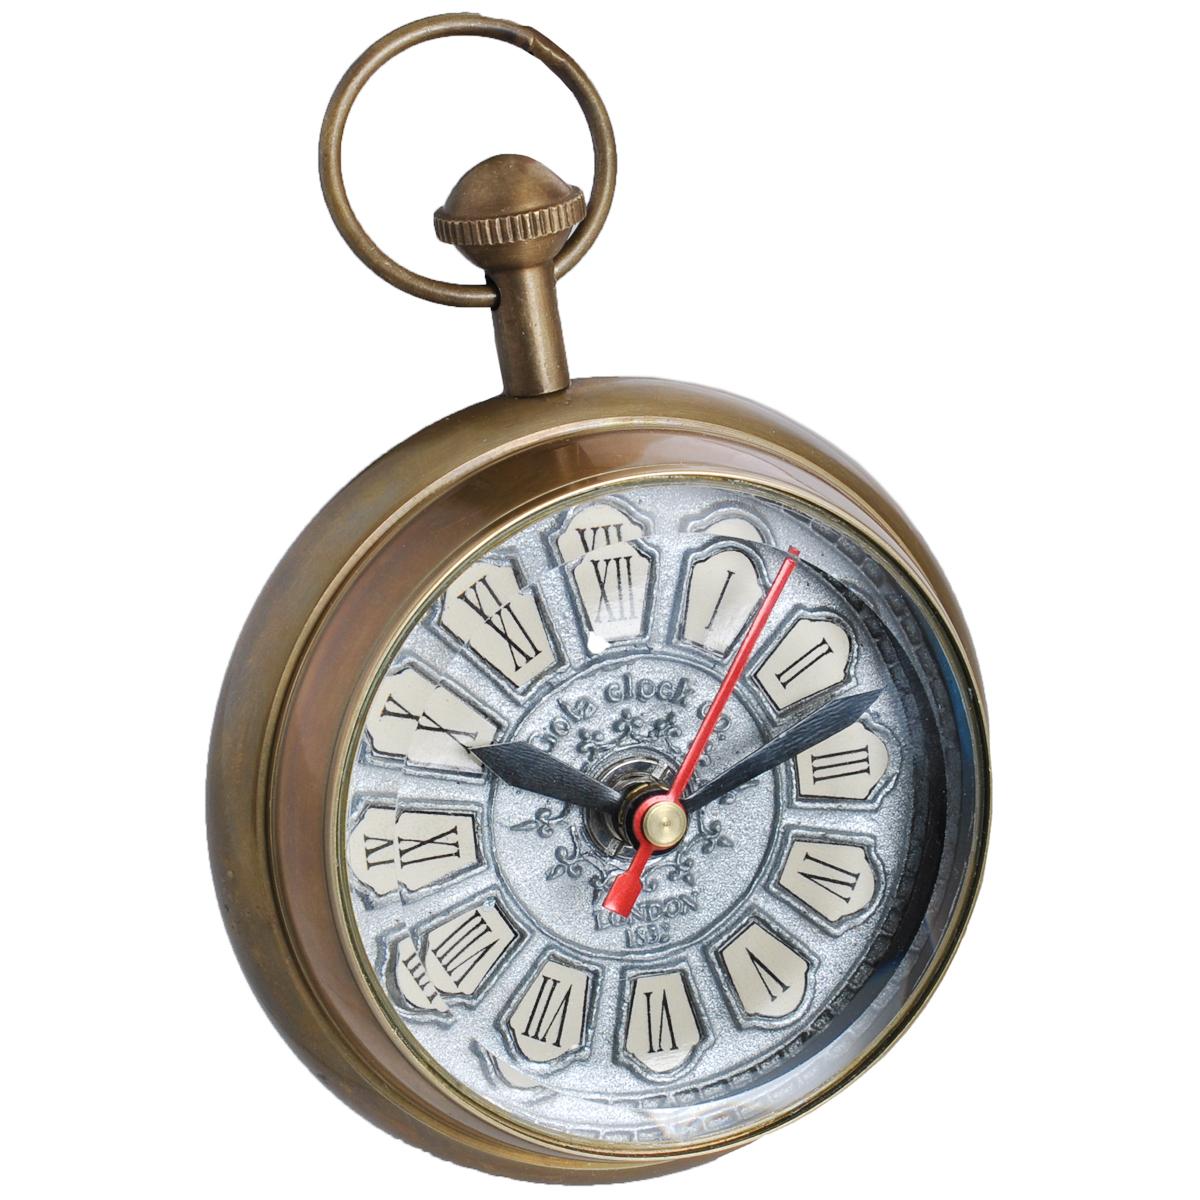 Часы сувенирные Win Max, цвет: бронзовый. 3582035820Часы Win Max с кварцевым механизмом работают бесшумно и требуют лишь примерно раз в год замены батарейки. Часы оснащены часовой, минутной и секундной стрелками. Алюминиевый рельефный циферблат выполнен в старинном стиле и оформлен римскими цифрами. Изготовленные из латуни и стекла, они, несомненно, будут привлекать к себе внимание. Такие часы легко впишутся в любой интерьер и станут великолепным подарком! Характеристики: Материал: металл (латунь), стекло.Общий размер часов (ДхШхВ): 9 см х 6,5 см х 12 см.Диаметр циферблата: 7 см.